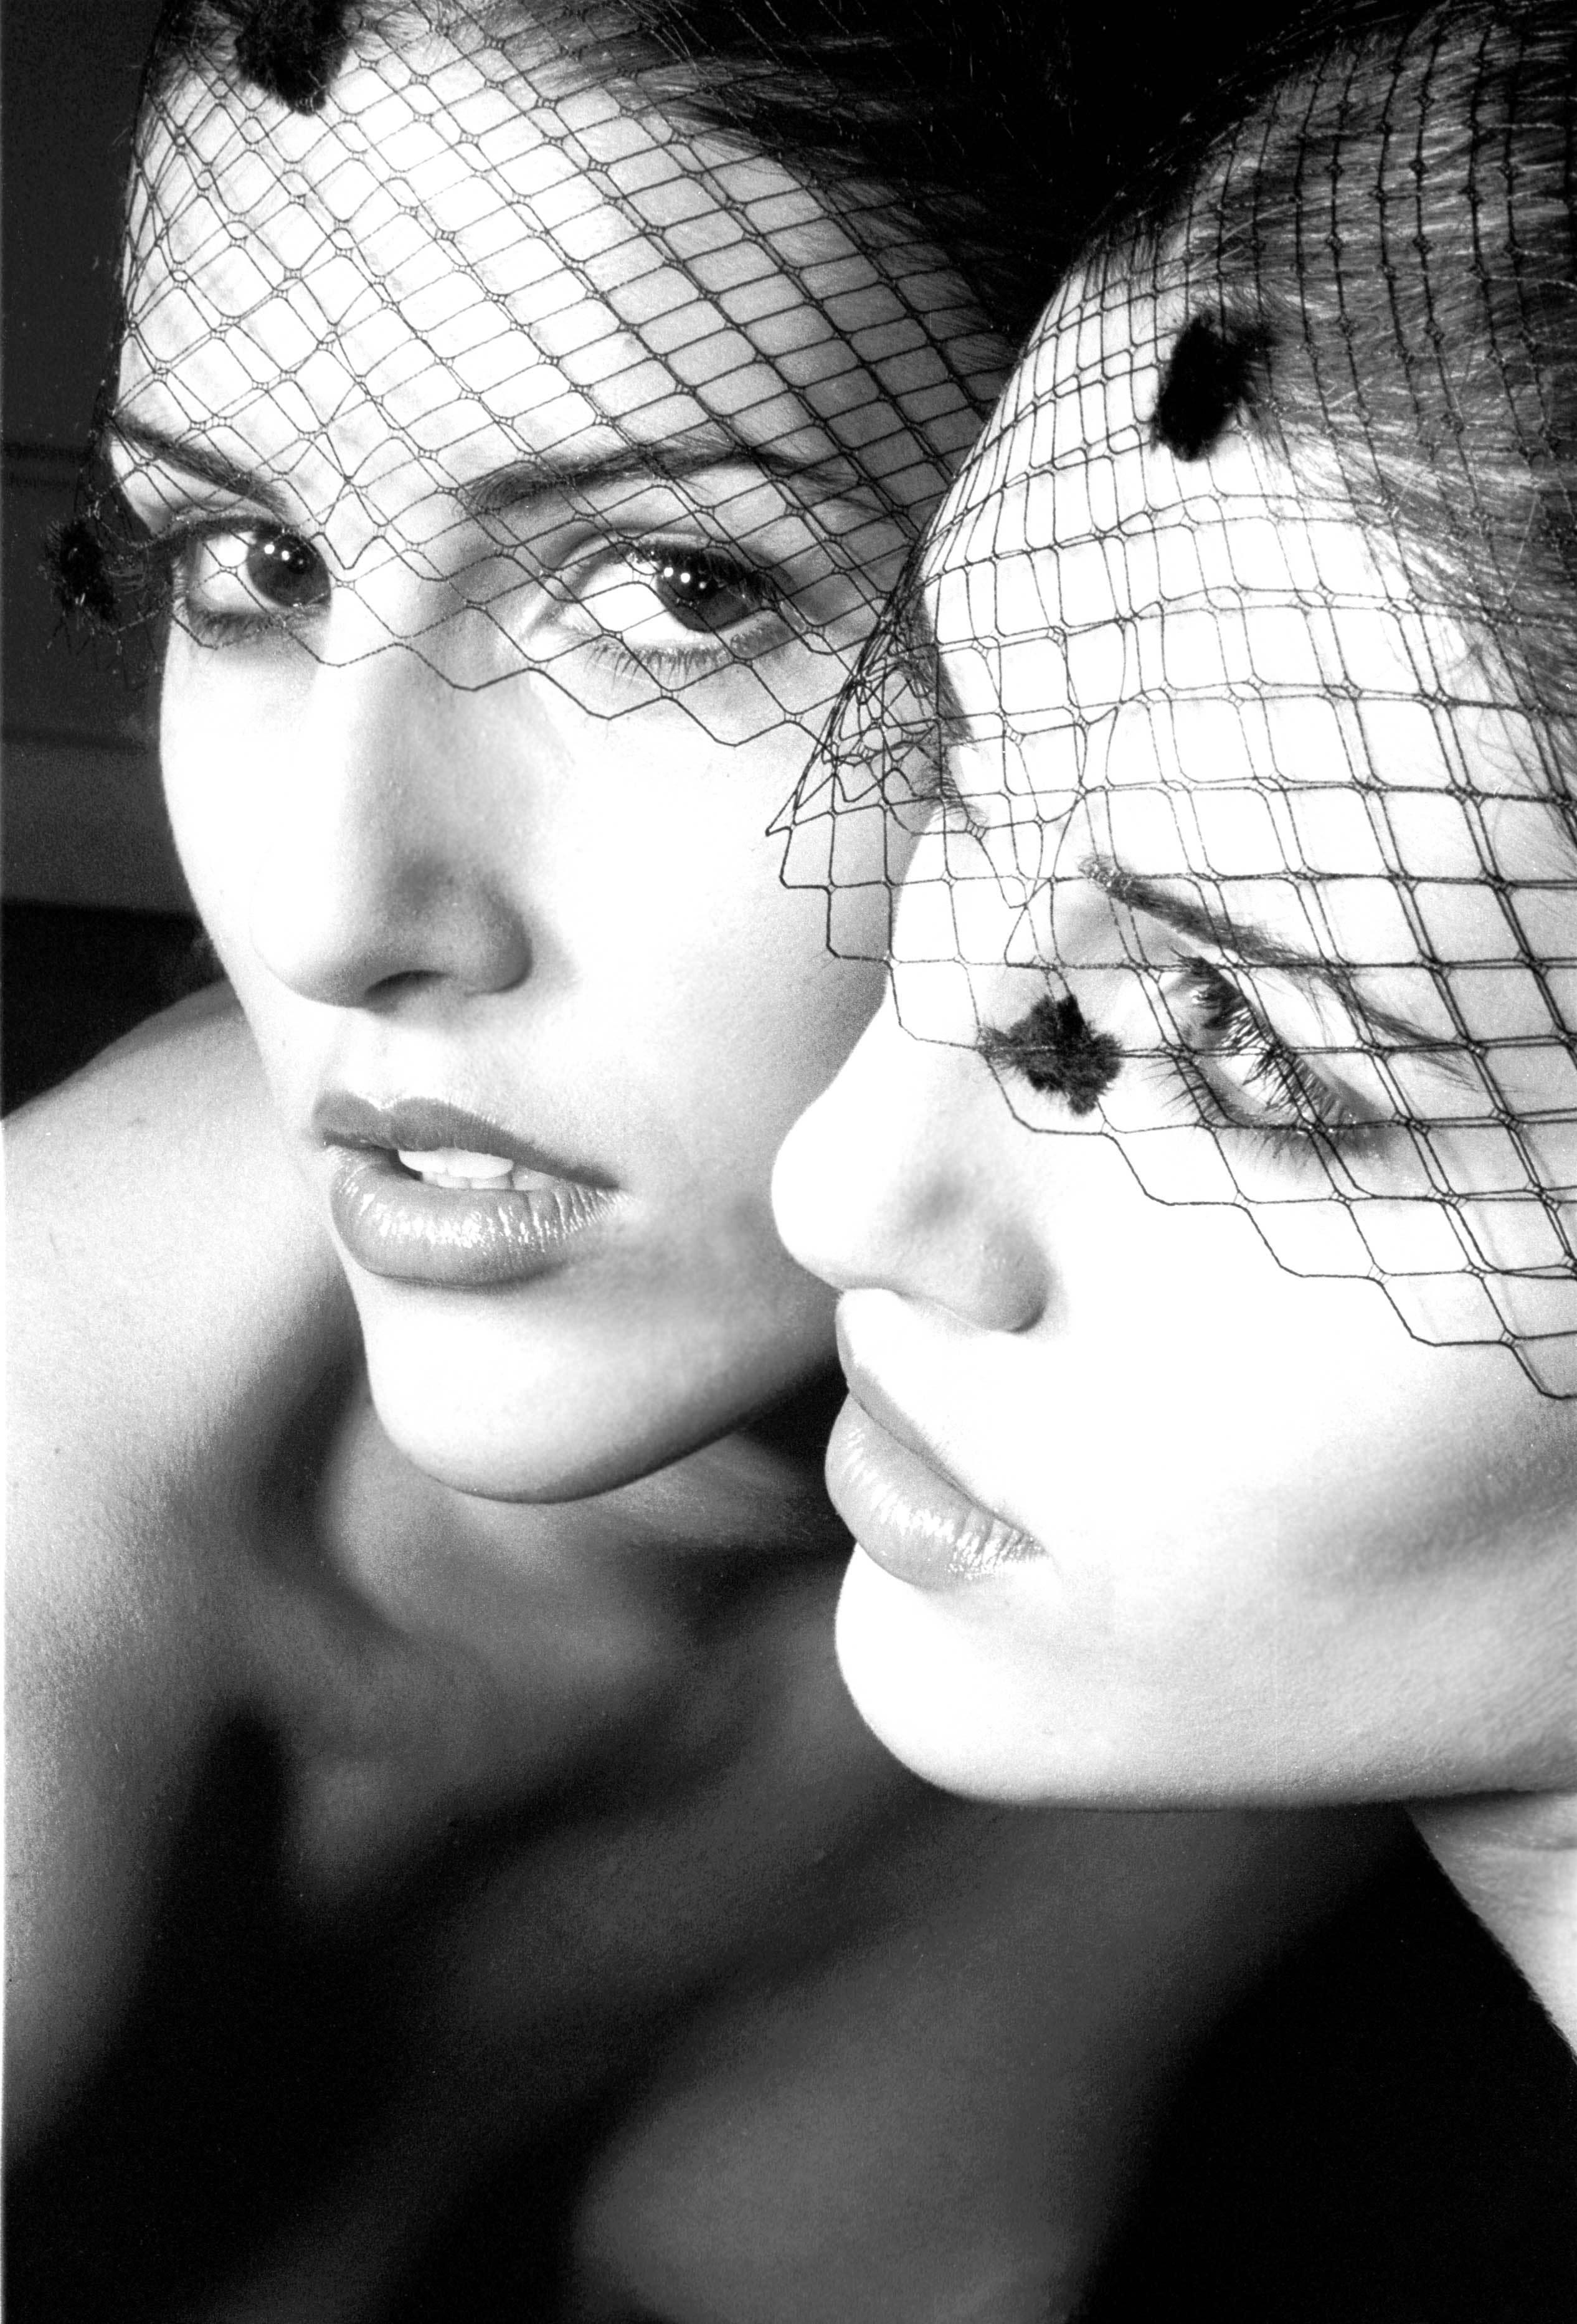 Estudio de fotografía José Luis Sanz. Retrato